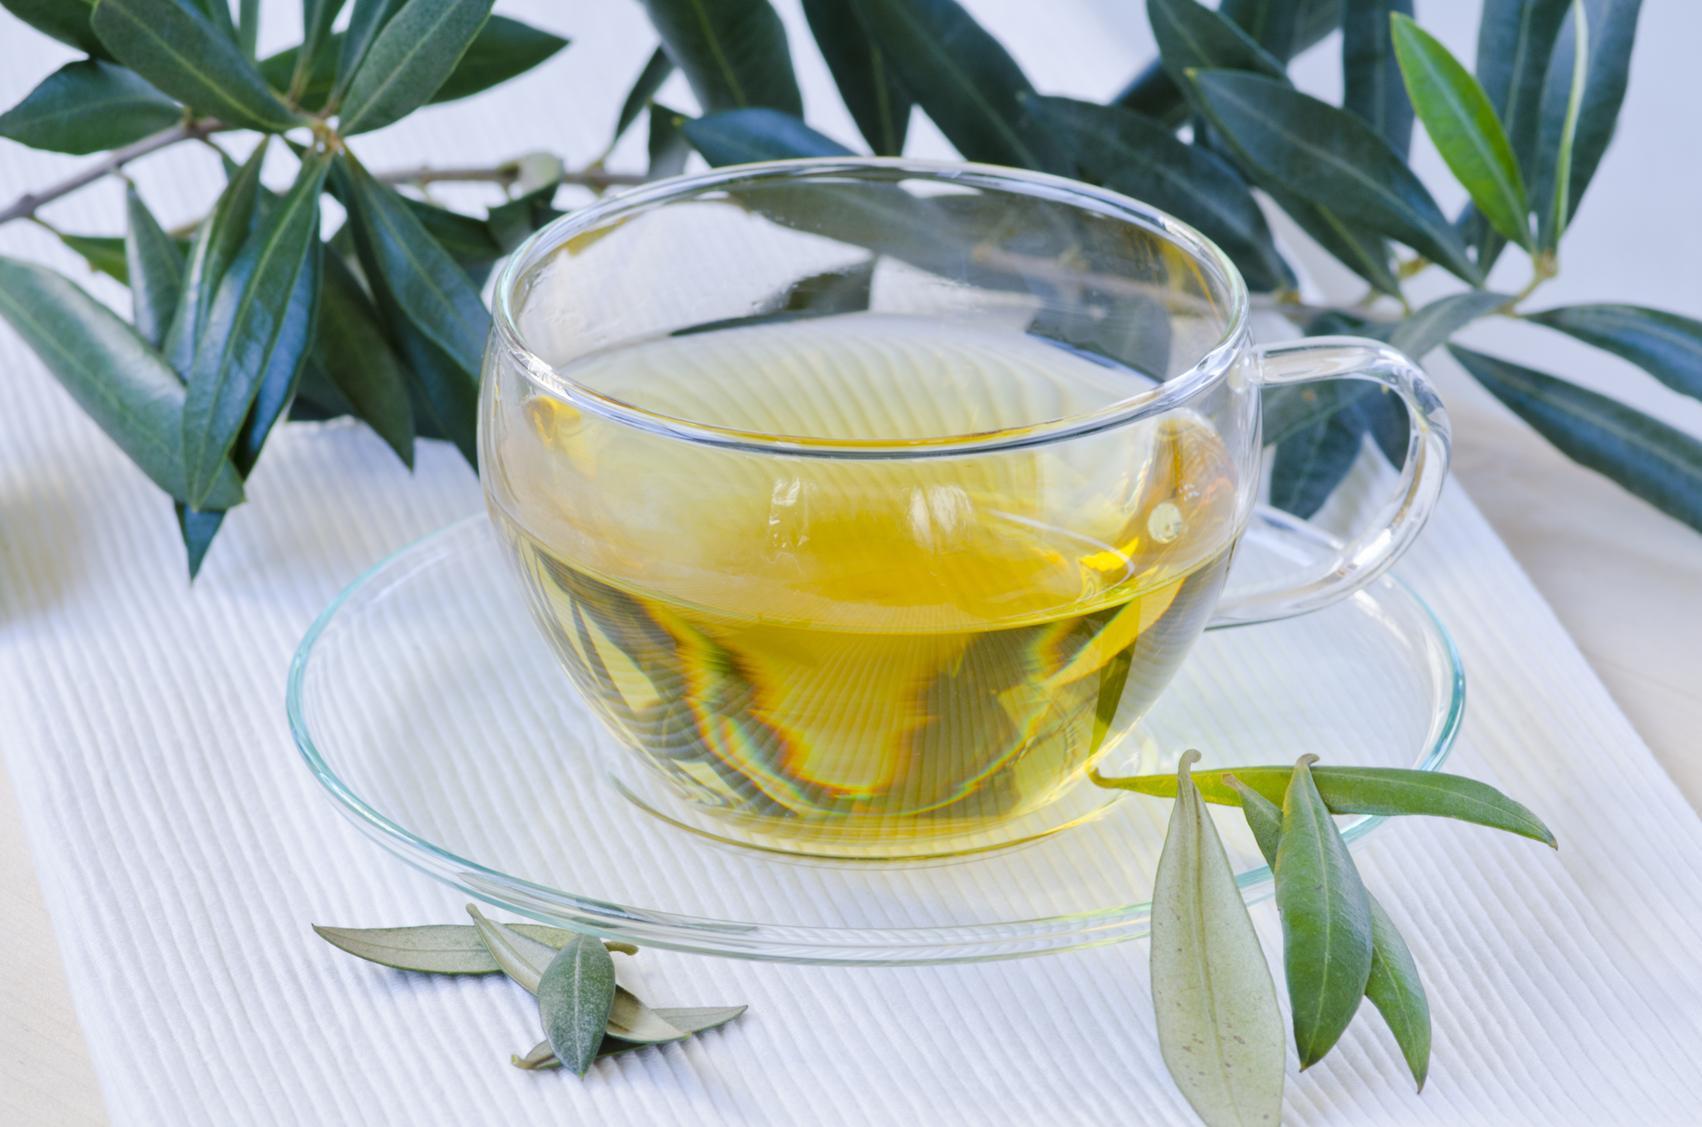 zeytin yaprağı çayı